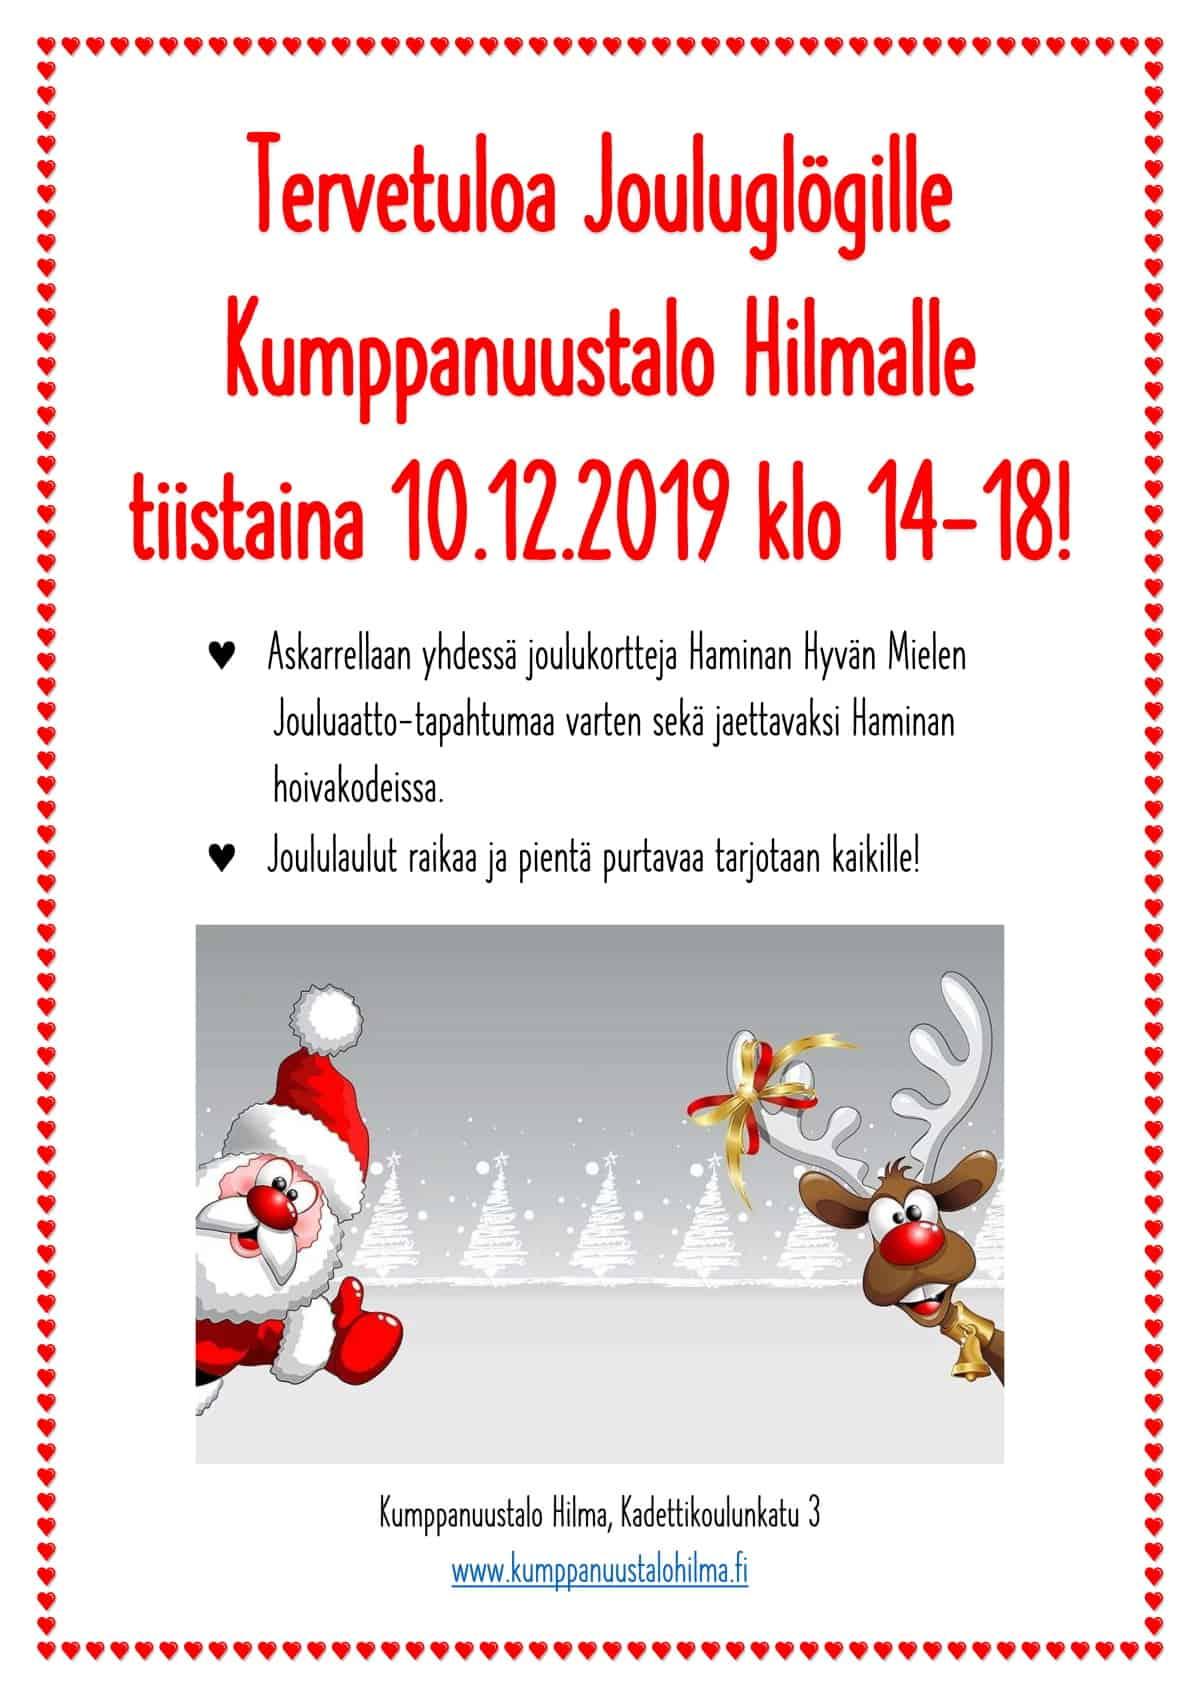 Jouluglögille kumppanuustalo Hilmalle @ Kumppanuustalo Hilma